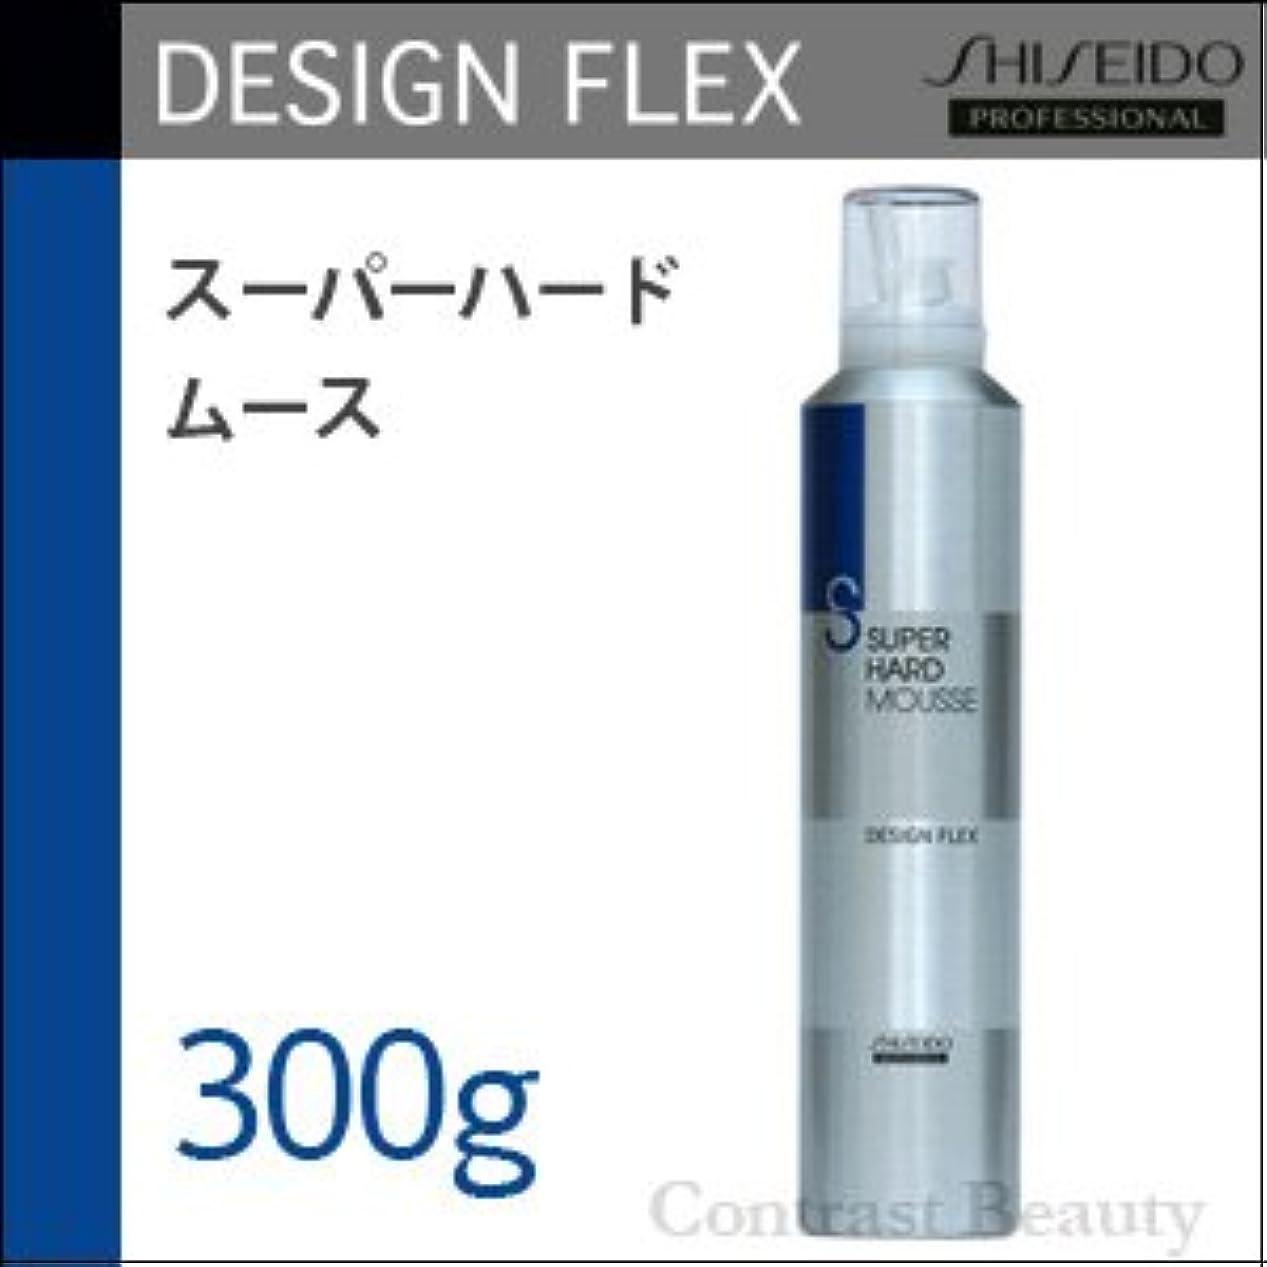 ウルル理容室宗教的な【x2個セット】 資生堂 デザインフレックス スーパーハードムース 300g